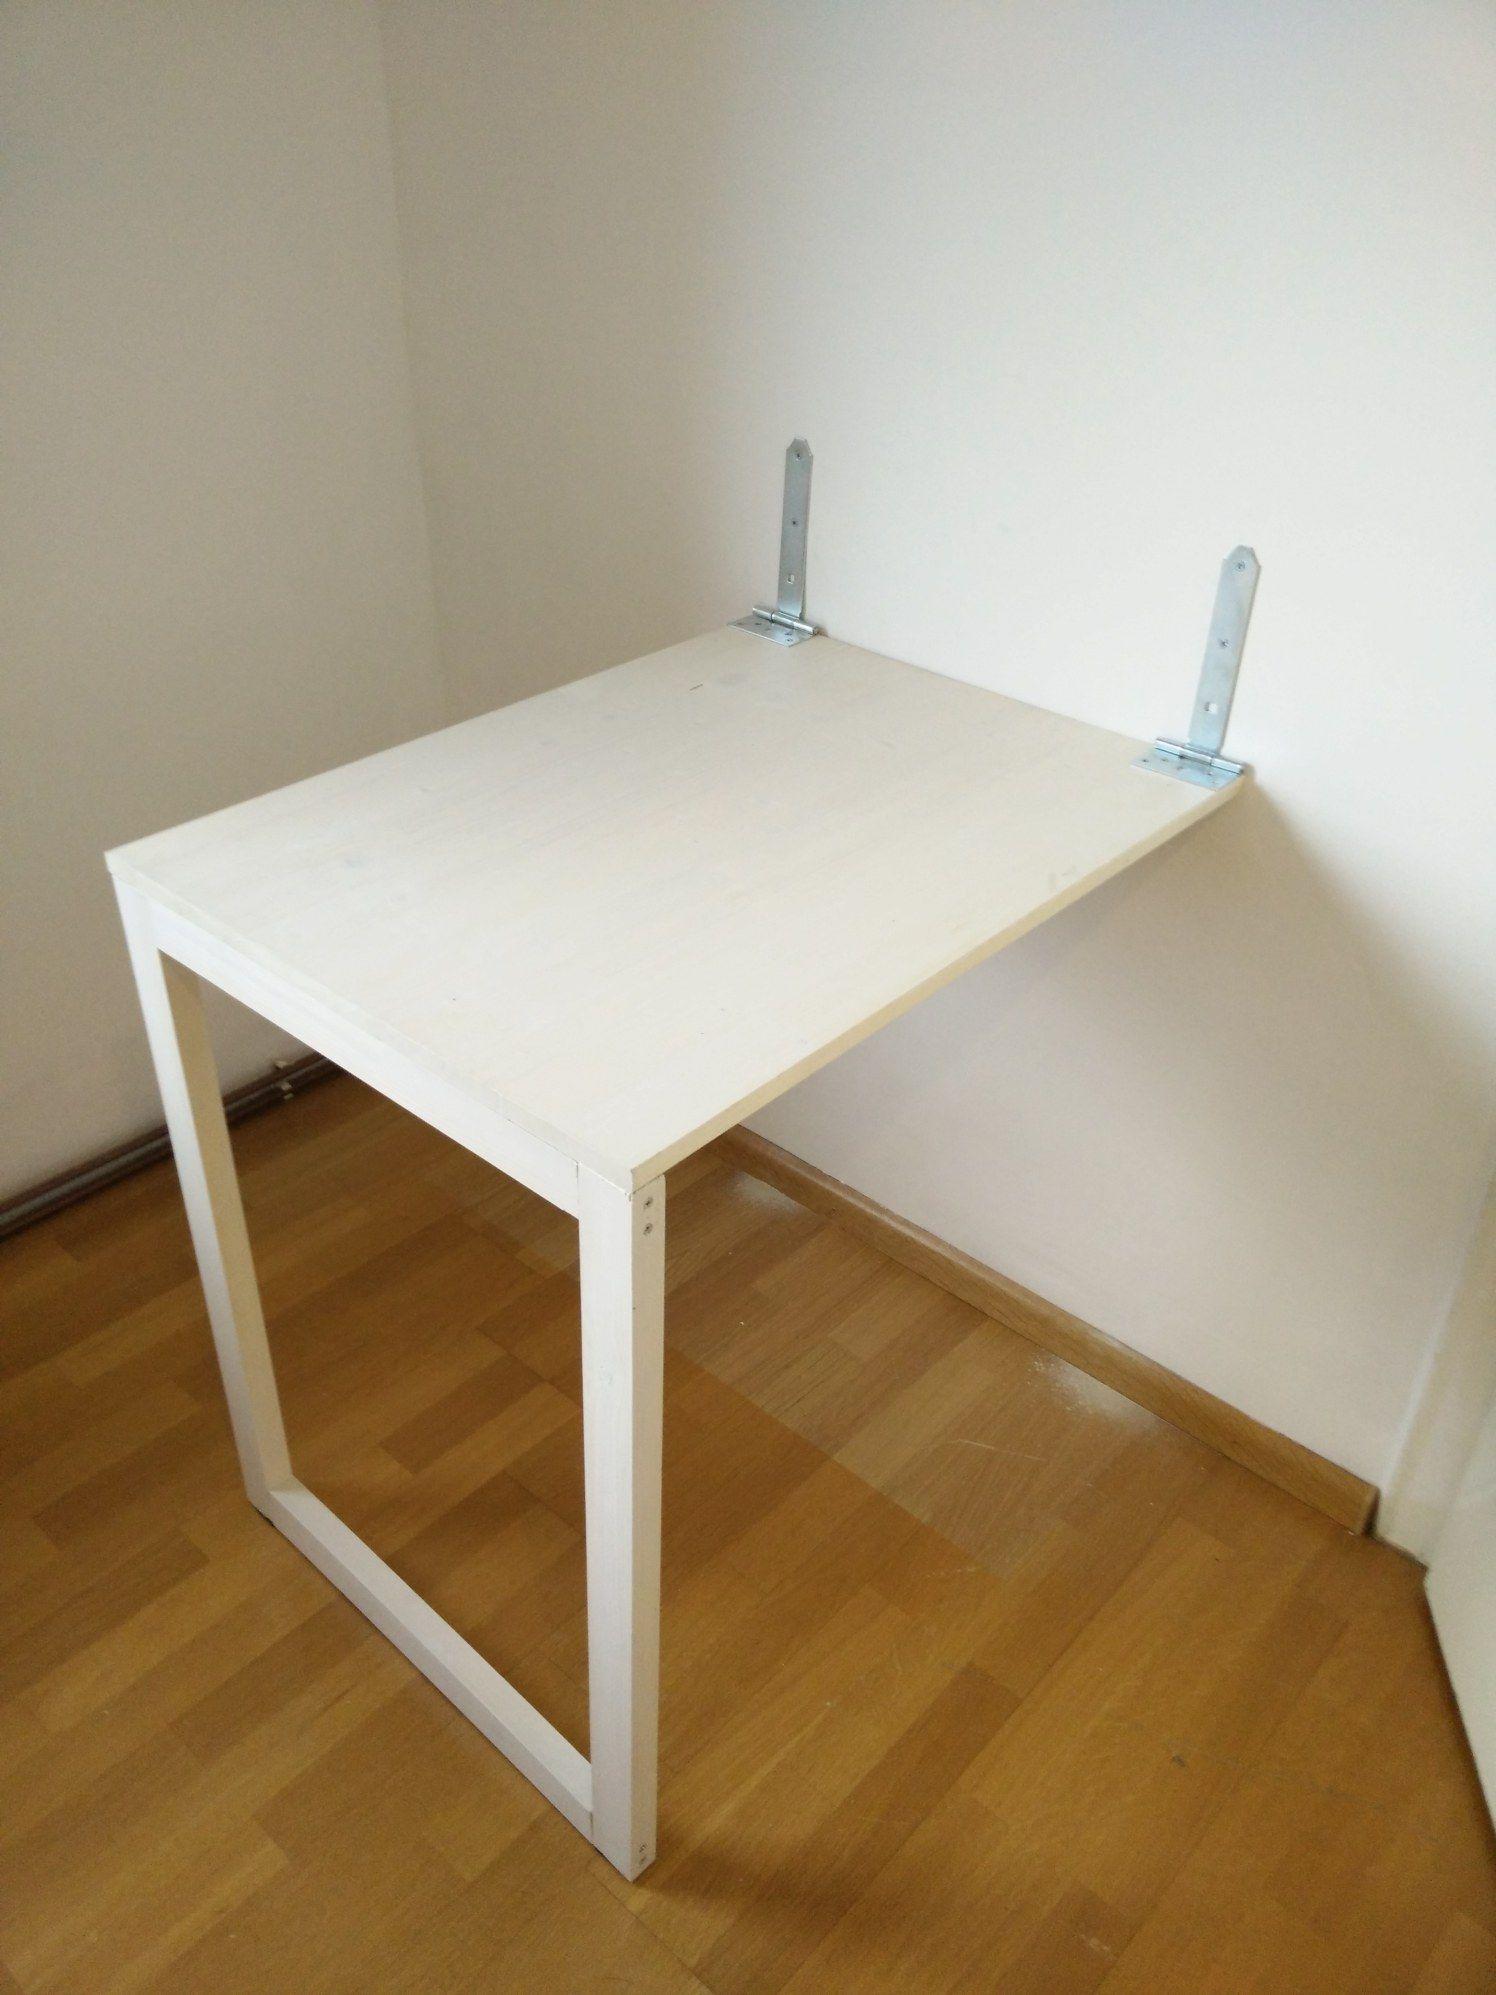 Tisch Diy Diy Wooden Table Diy Holztisch Selbstgemachte Tische